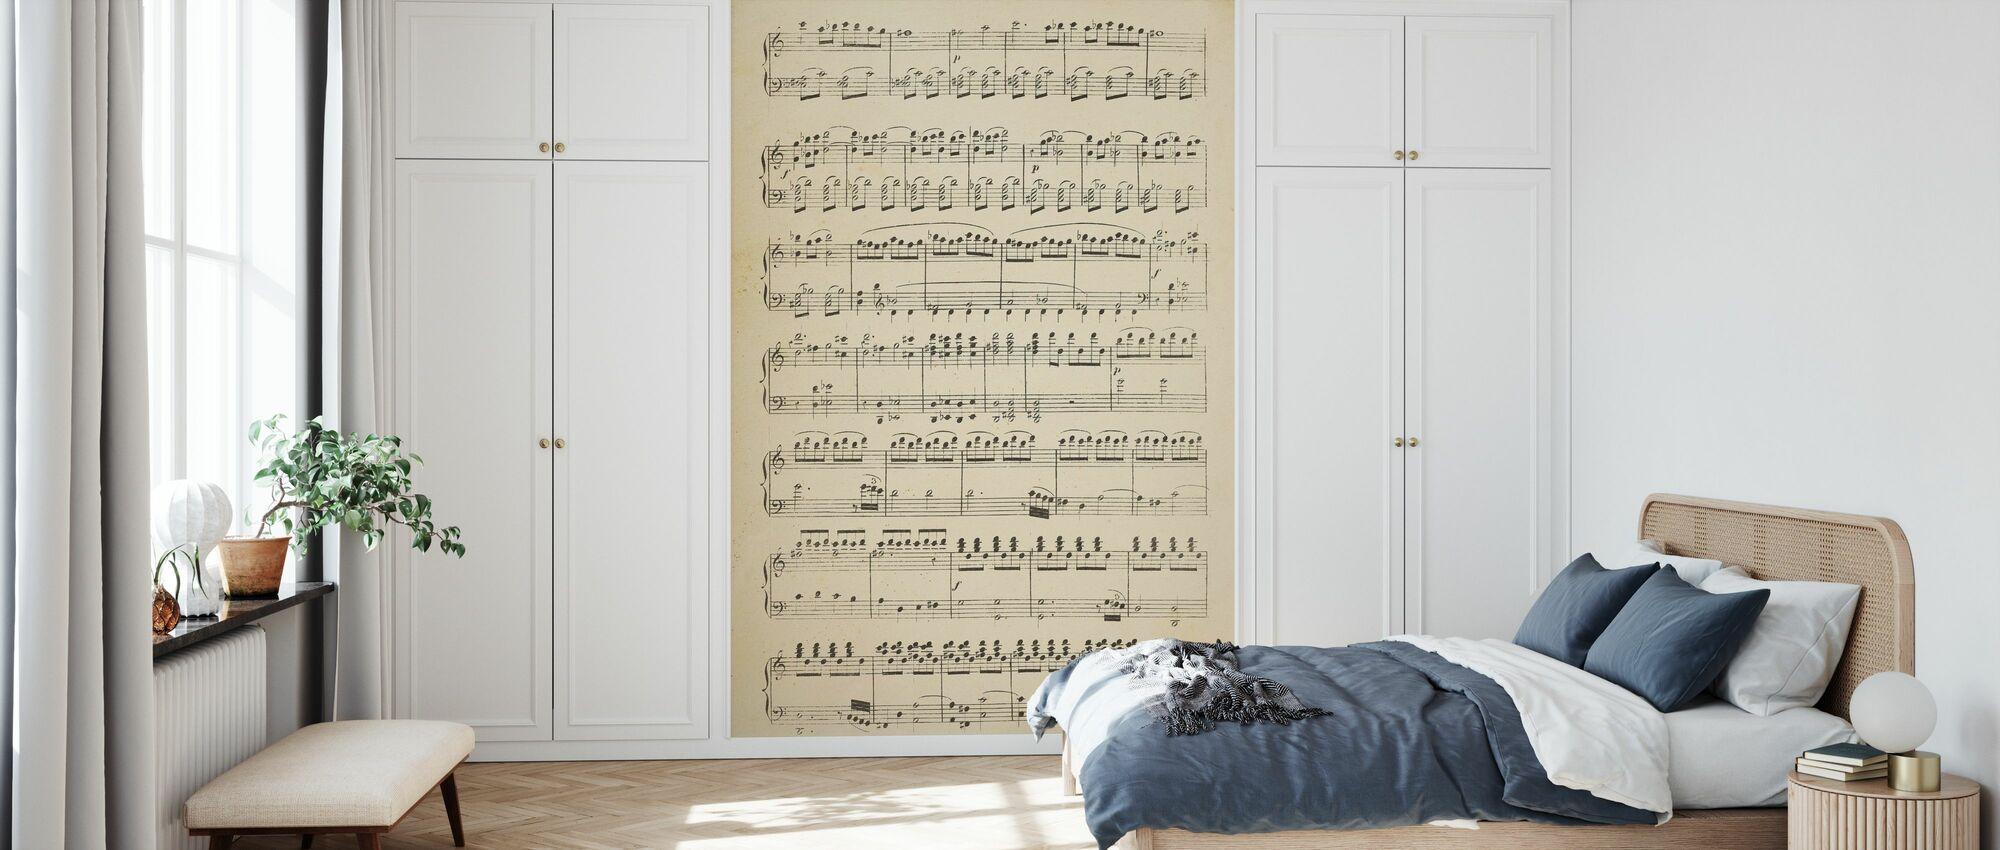 Musiknoten Teil 1 - Tapete - Schlafzimmer